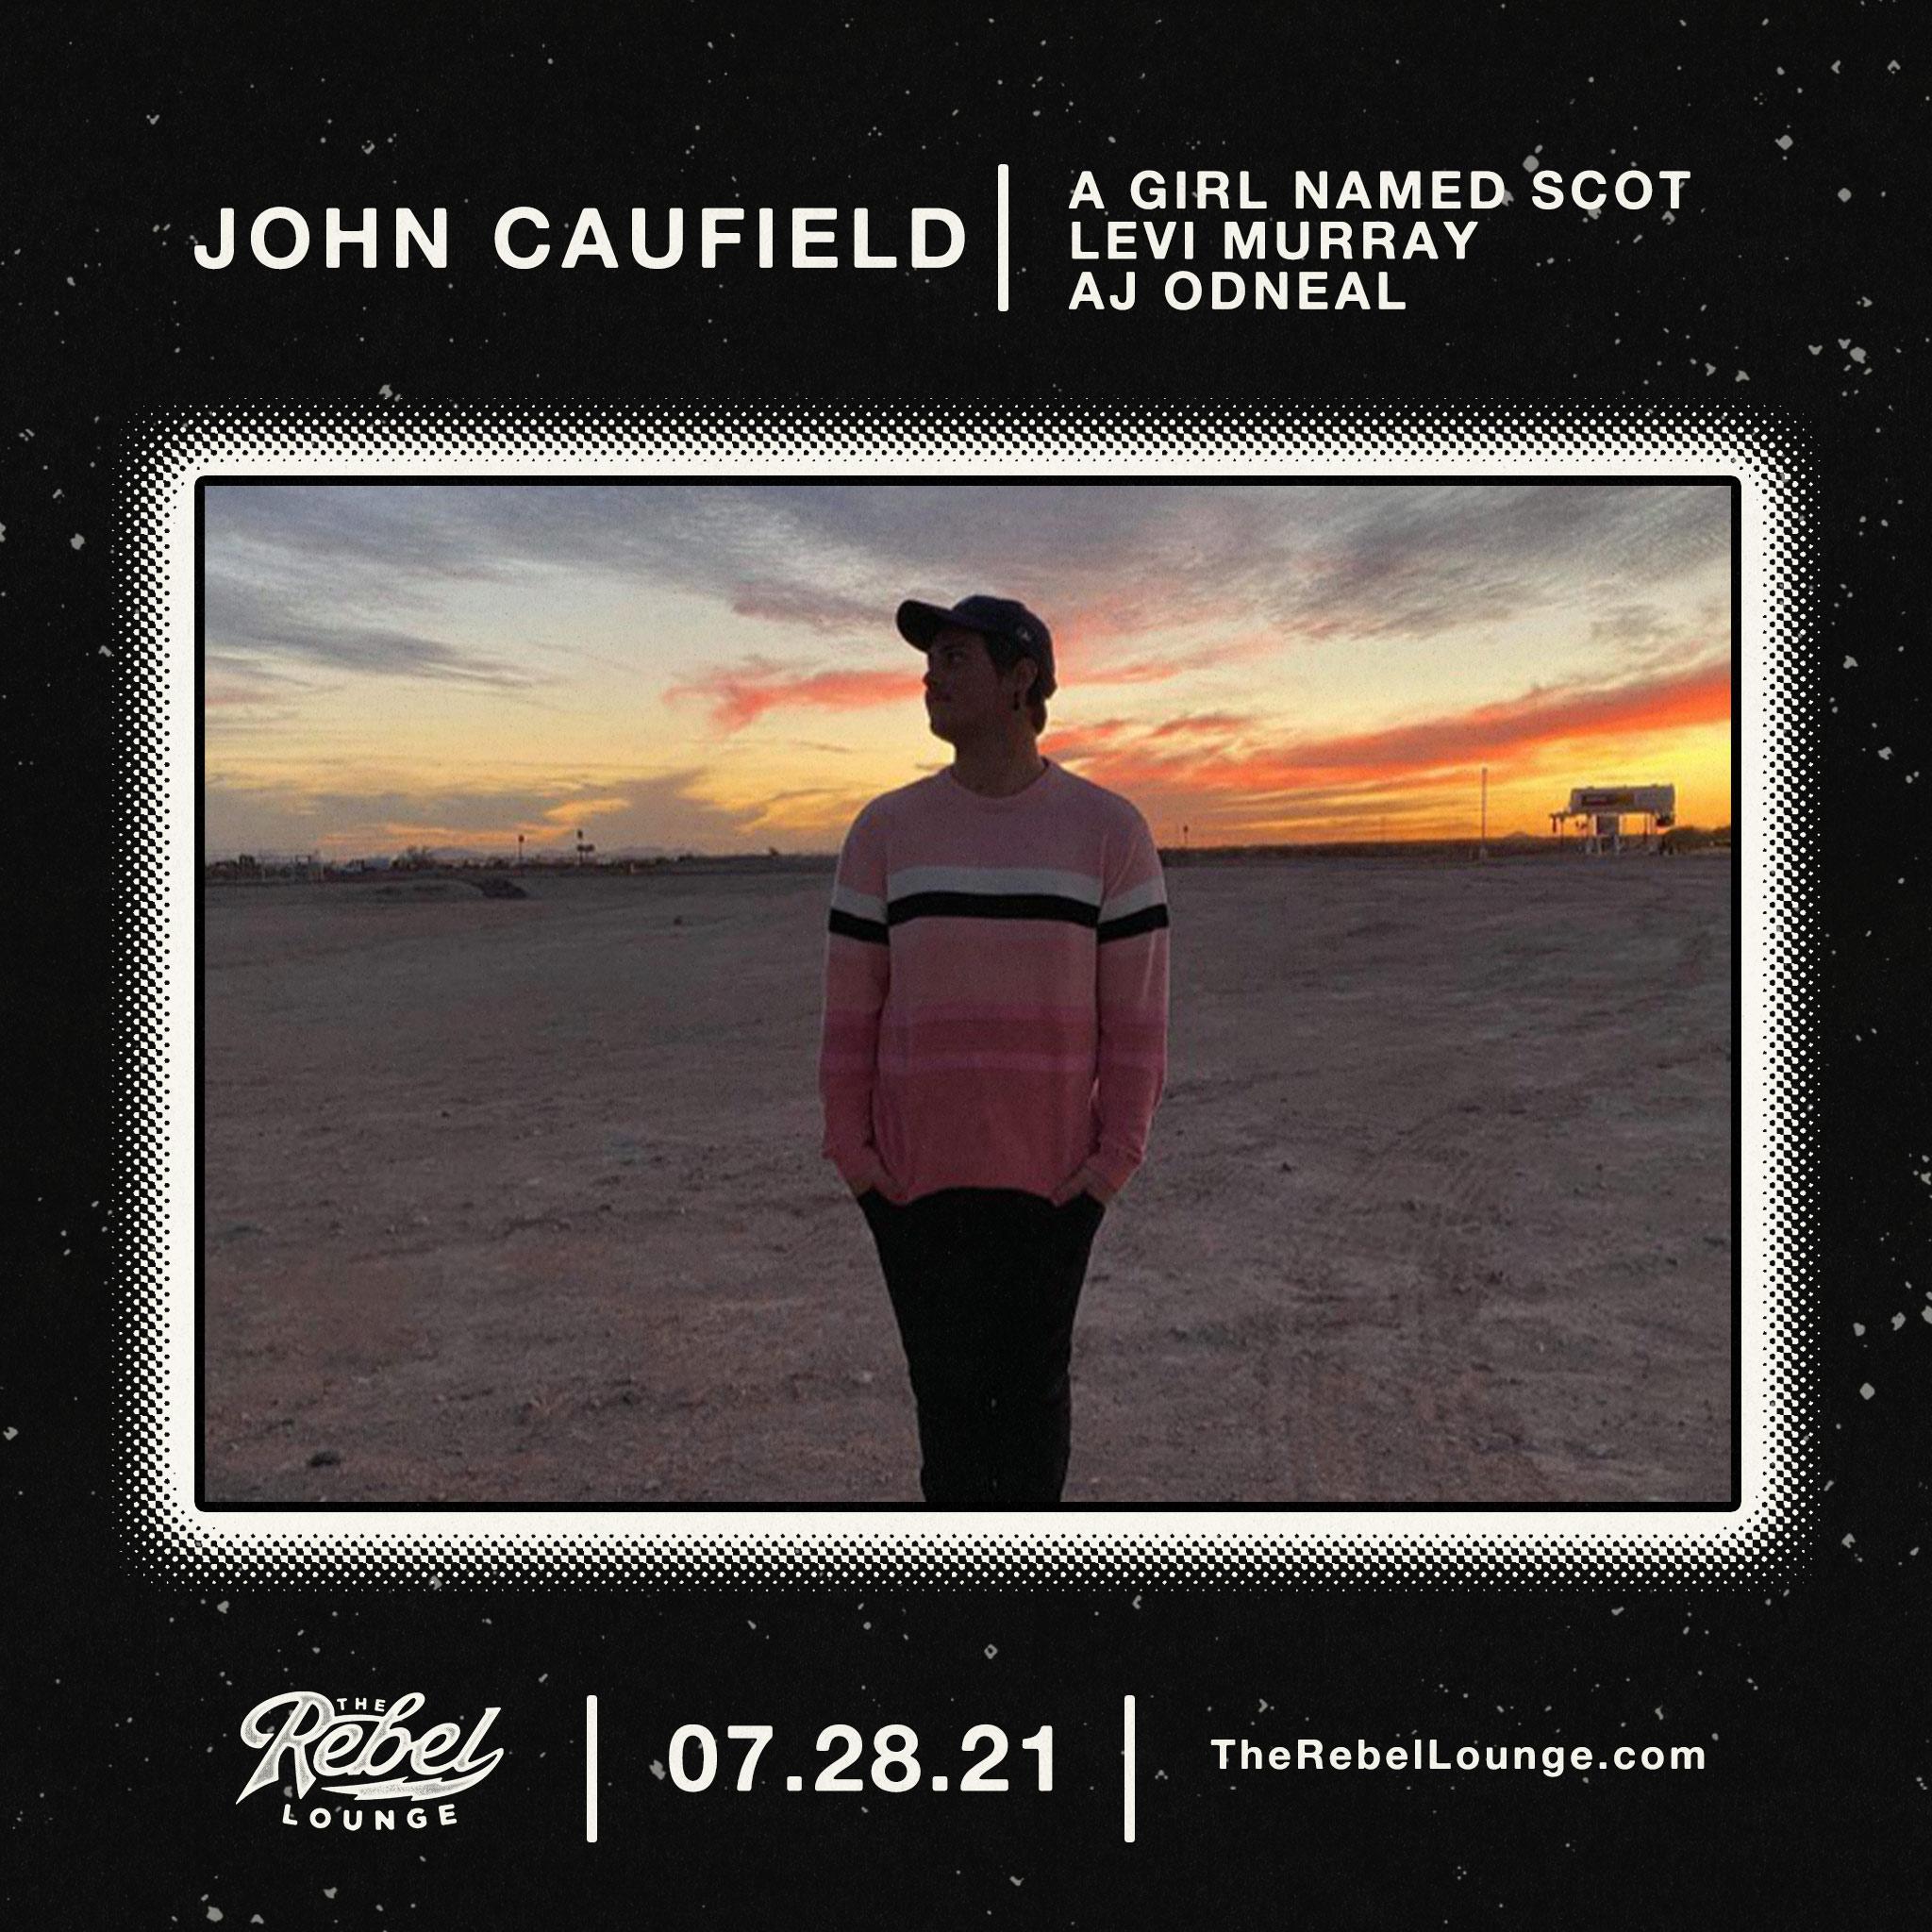 JOHN CAUFIELD: Main Image